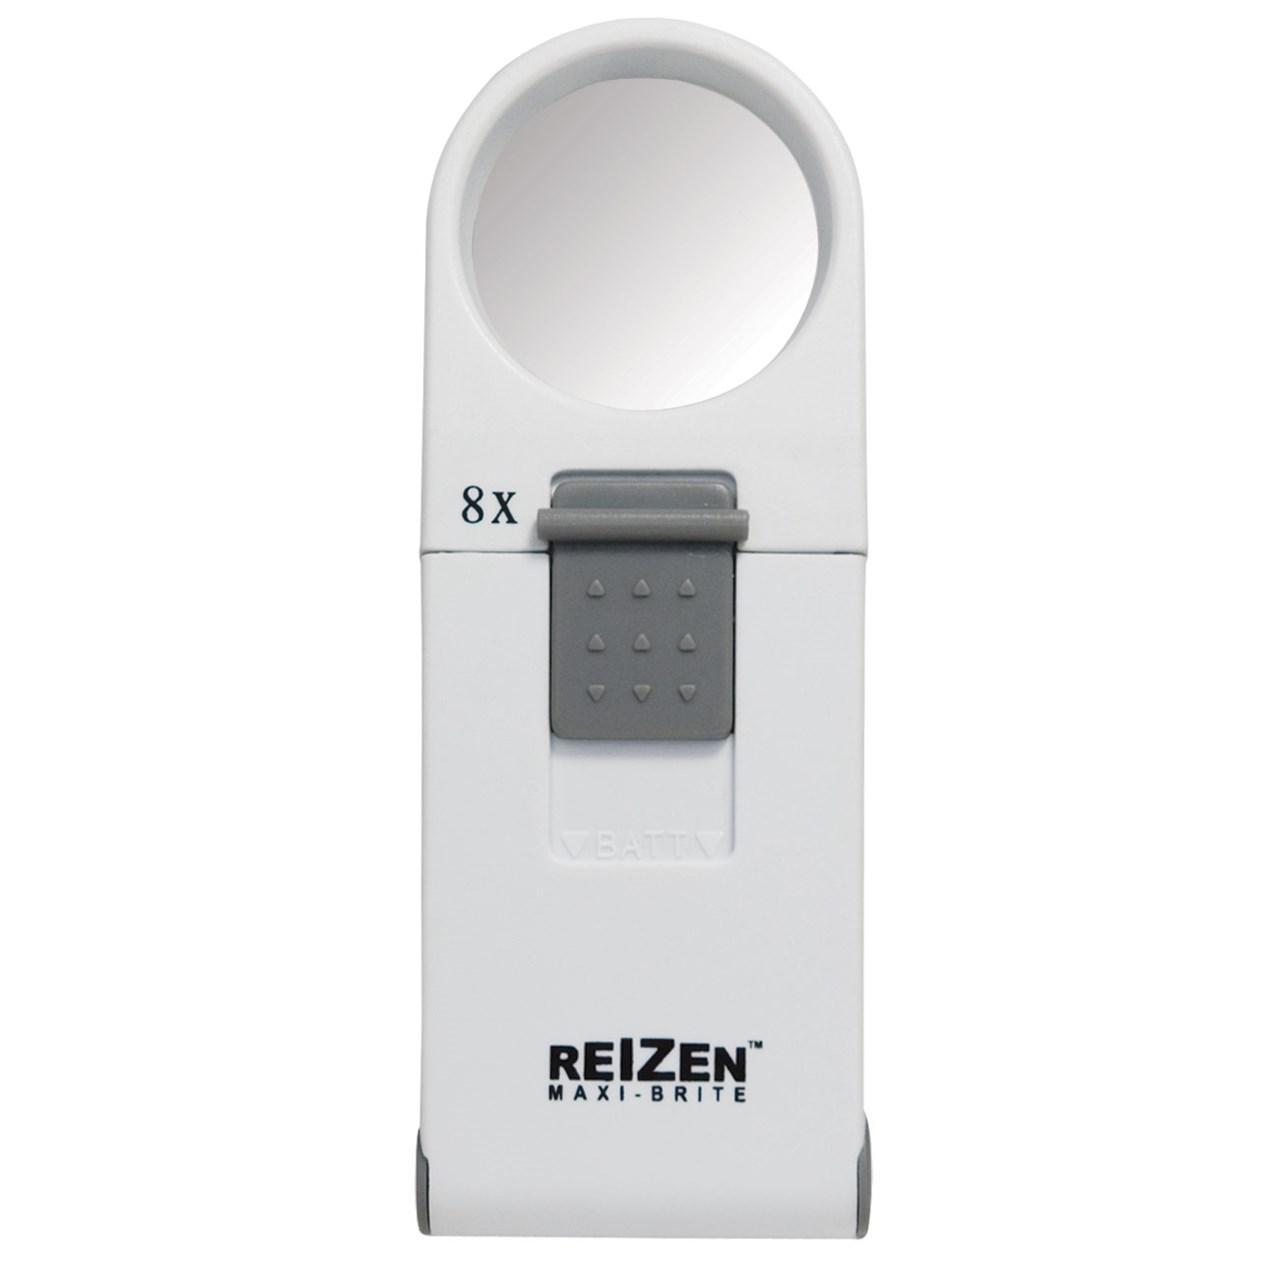 Reizen Maxi Brite LED Handheld Magnifier